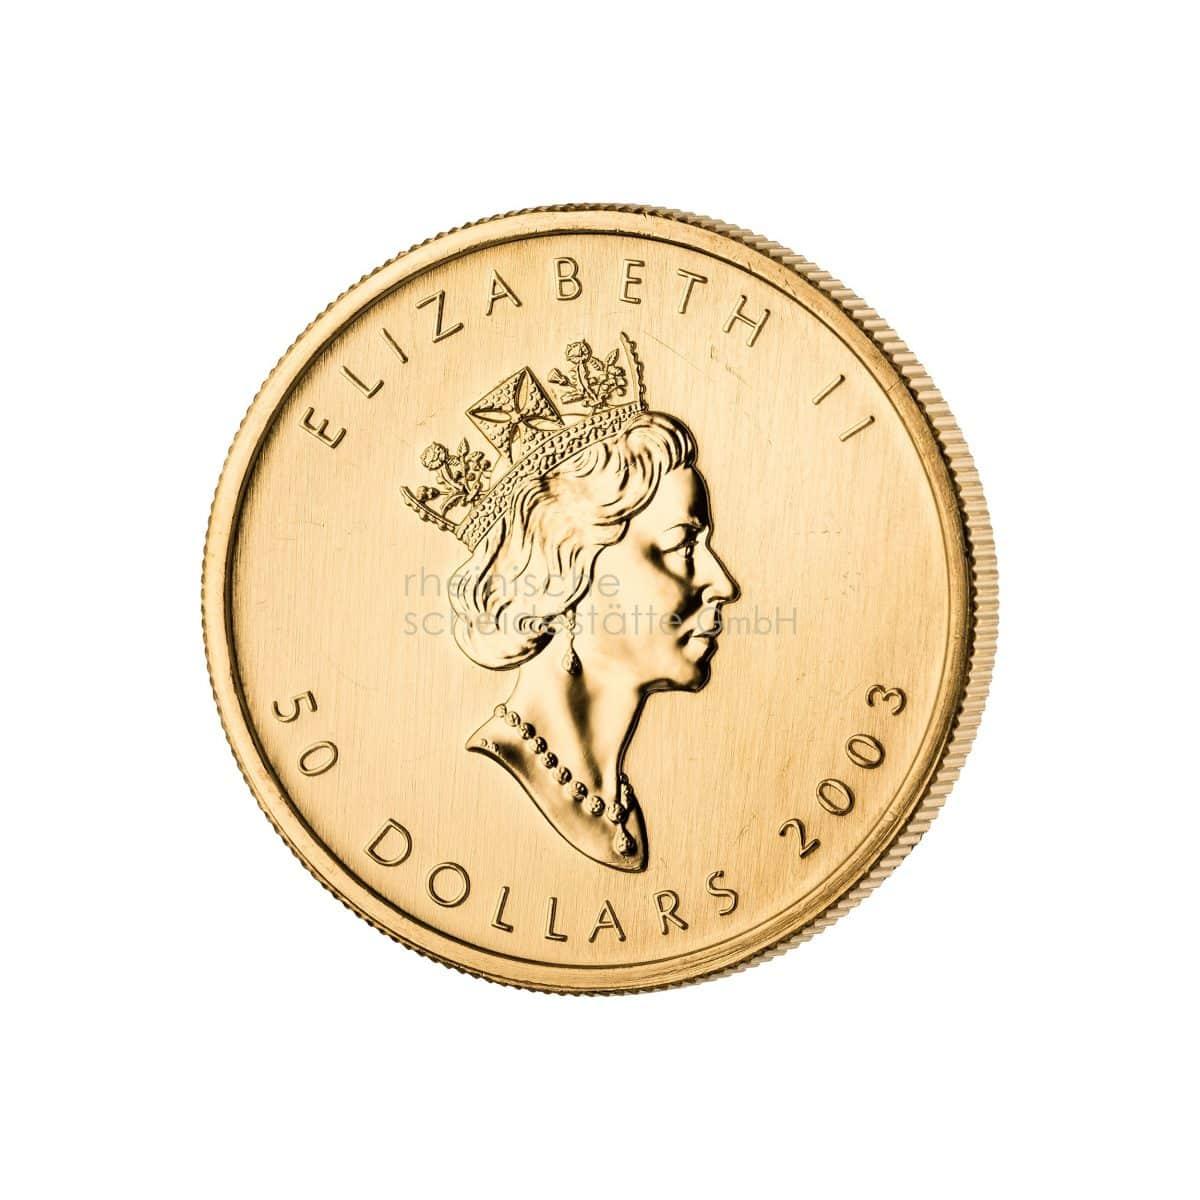 Maple Leaf Gold Goldmünzen Rückseite